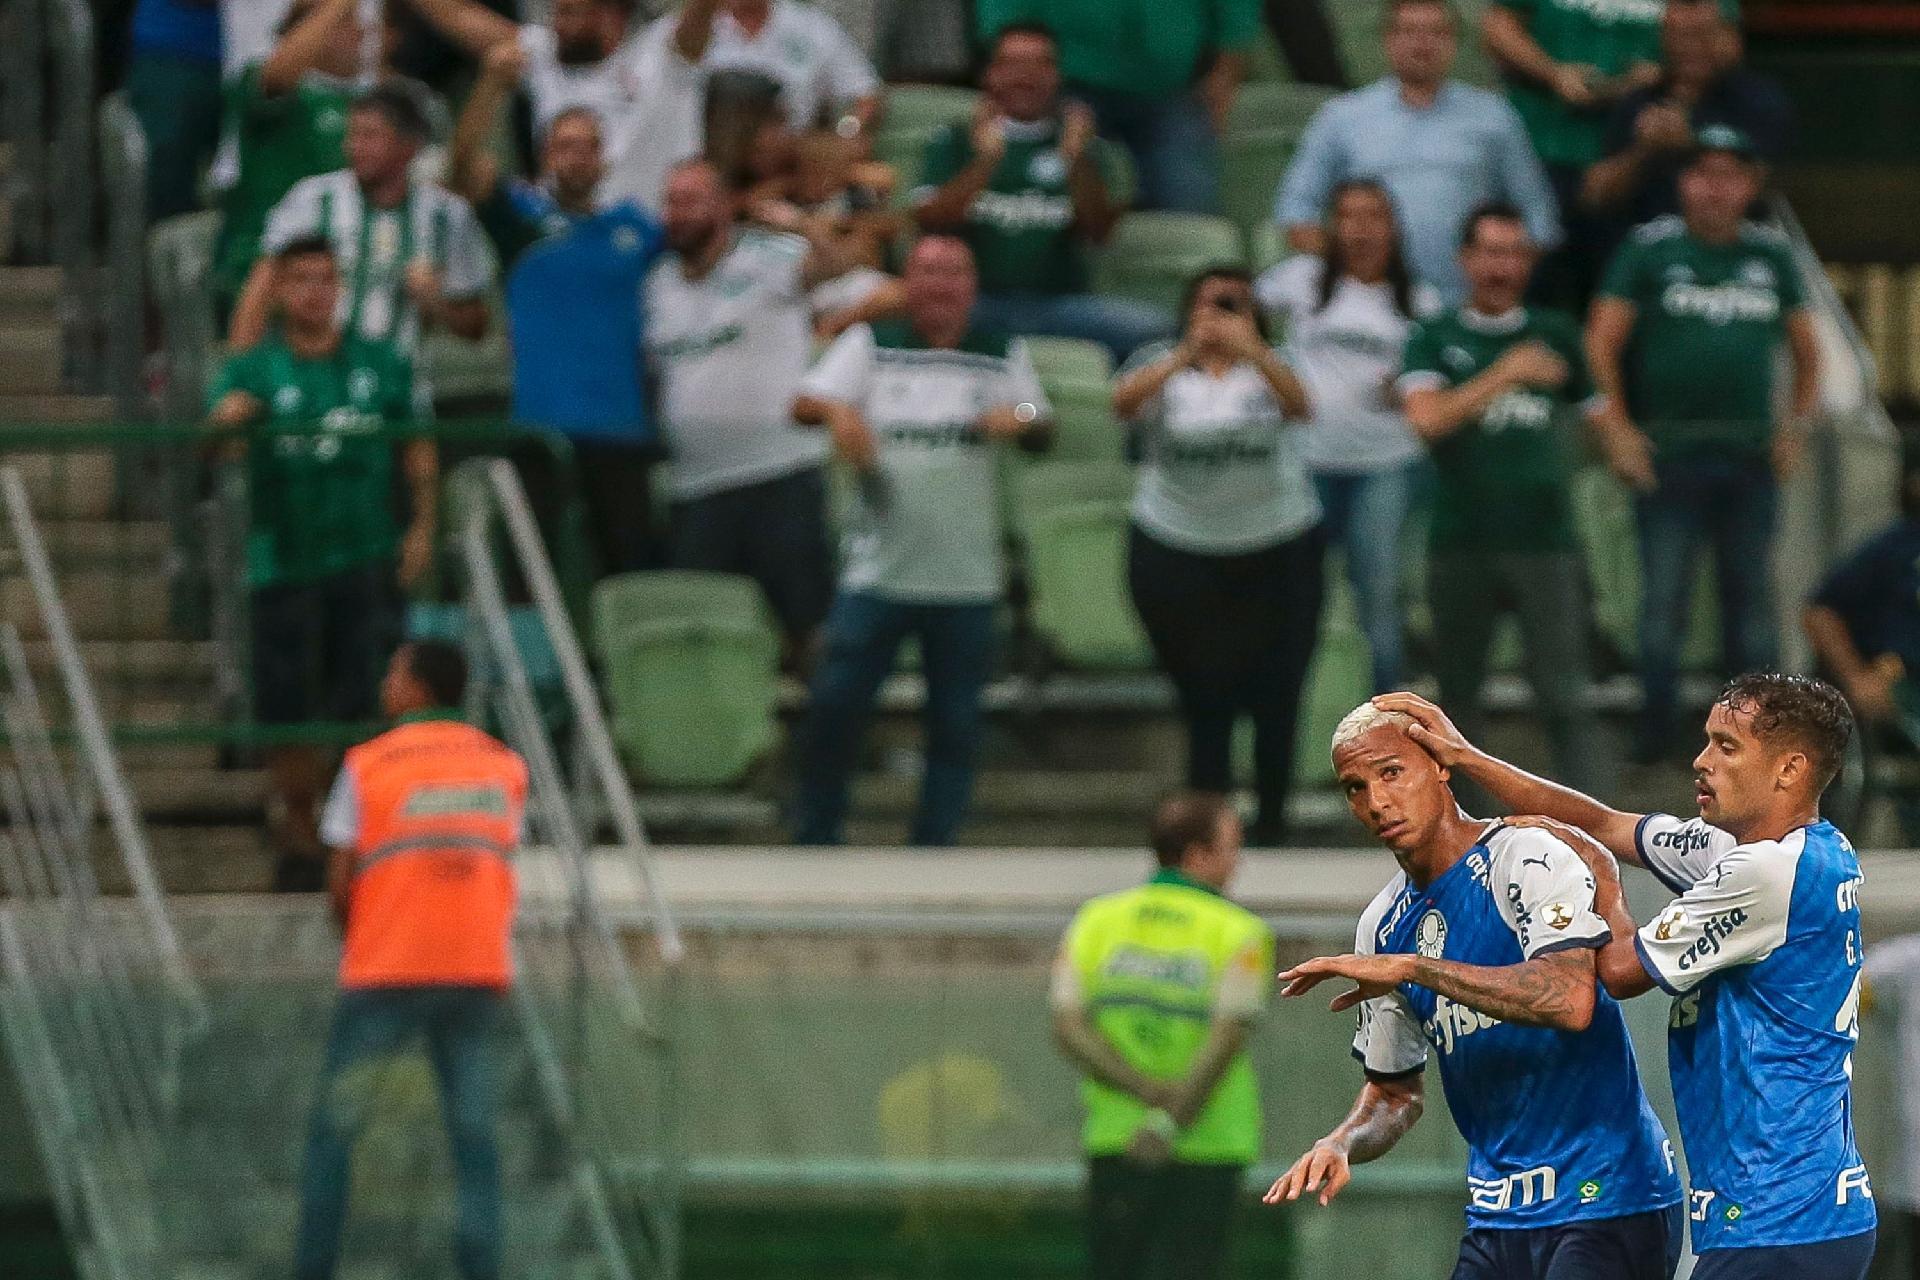 22e62b00a9d87 Melhores momentos de Palmeiras 3 x 0 Melgar - 13 03 2019 - UOL Esporte